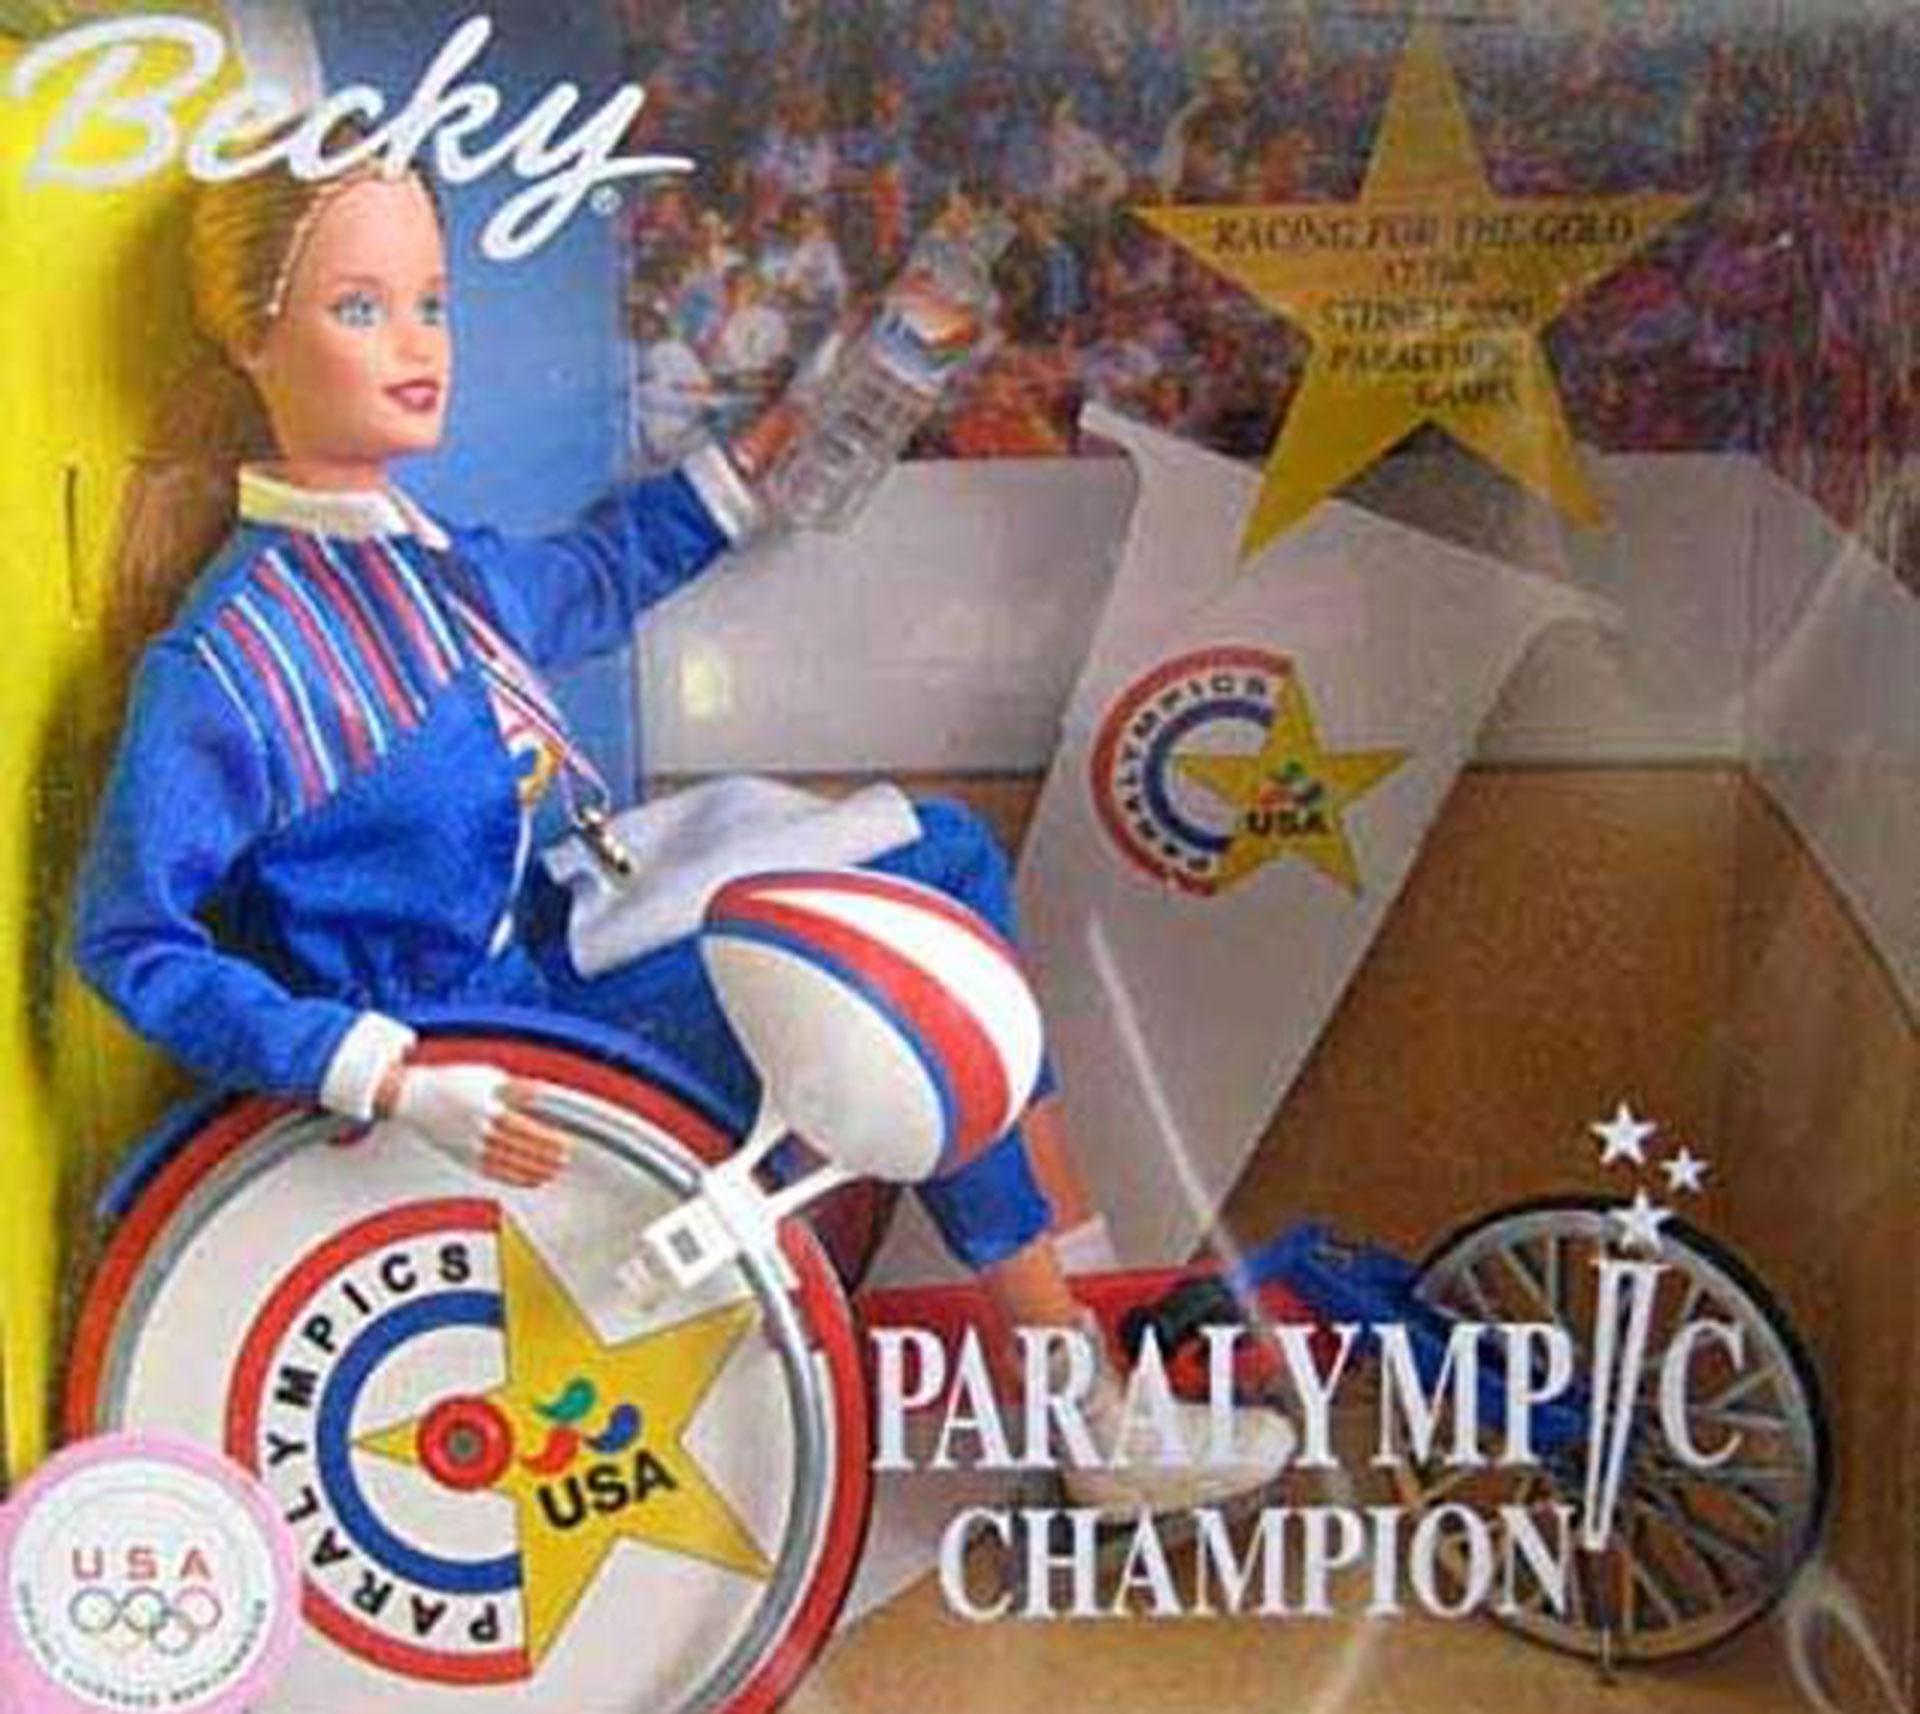 Becky, la campeona paralímpica, una muñeca lanzada en los años 90